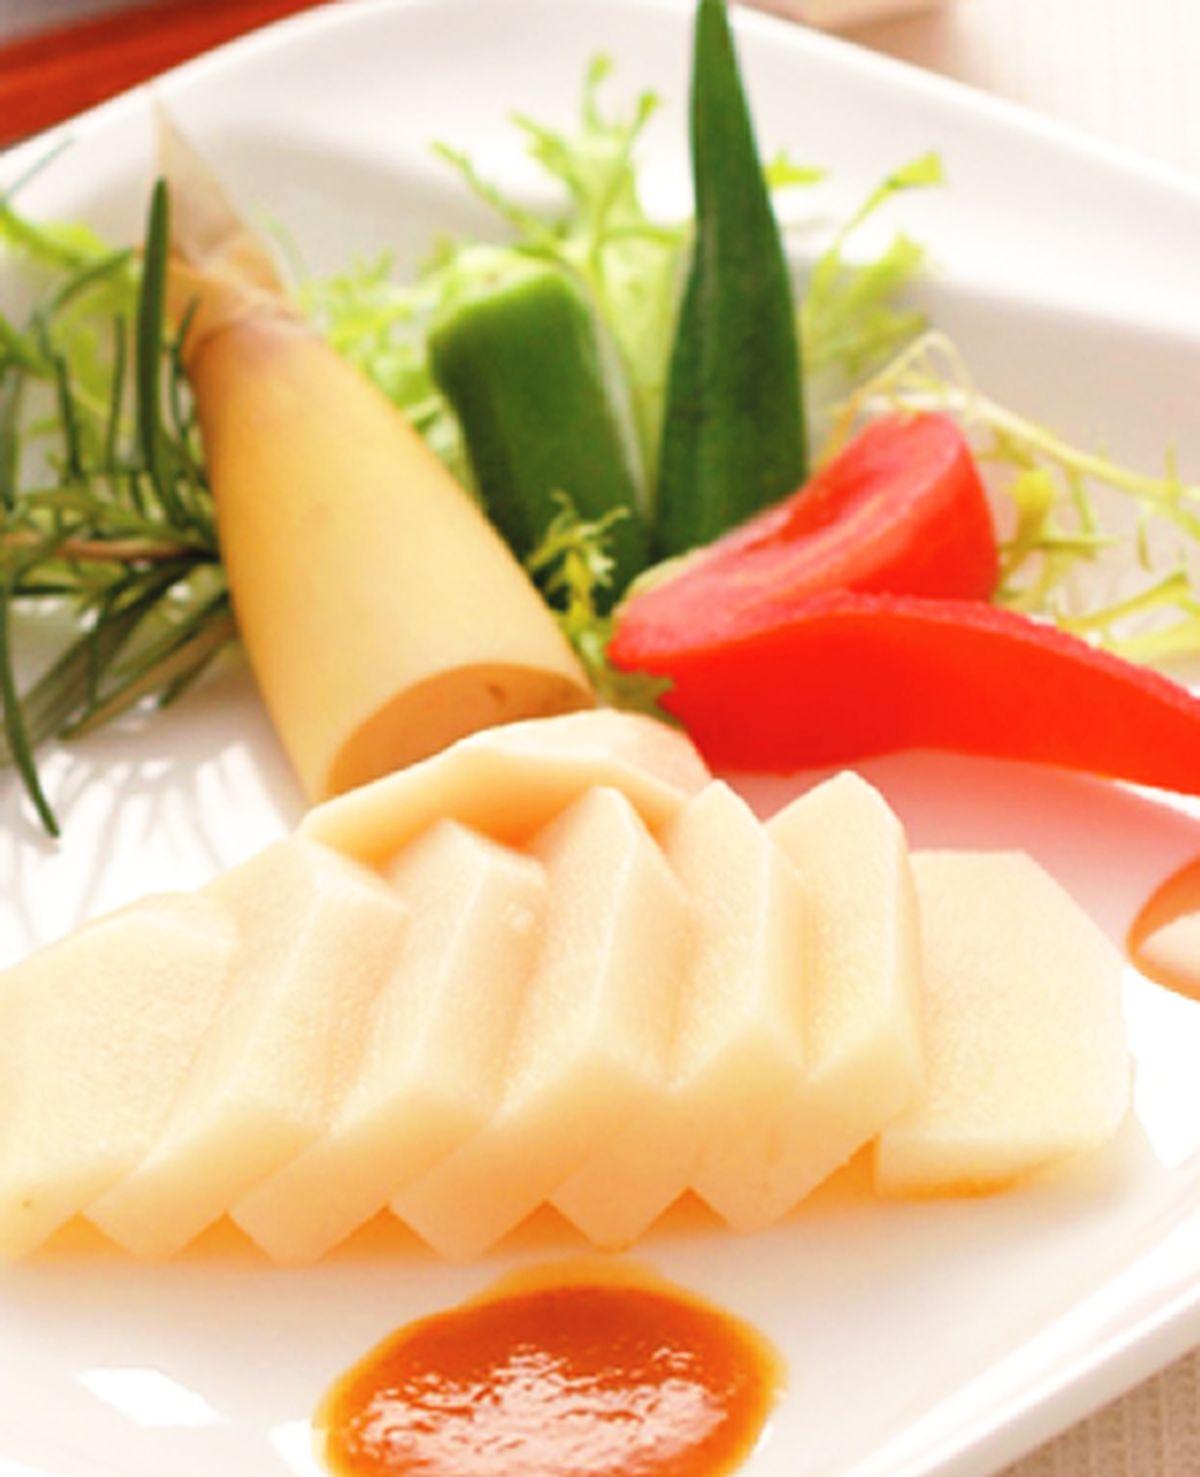 食譜:和風春筍佐芝麻味噌醬